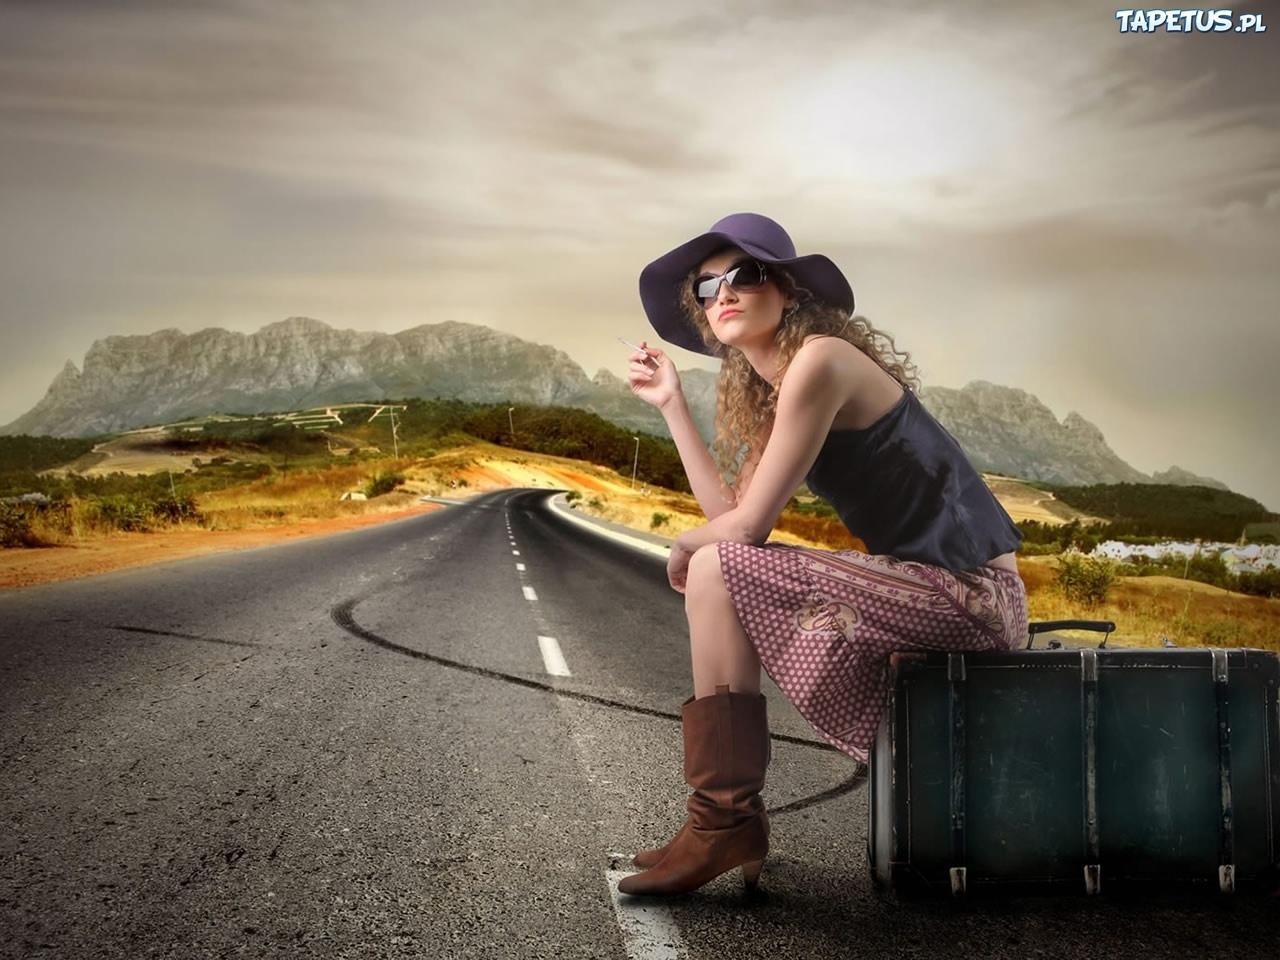 156200_kobieta-walizka-droga.jpg